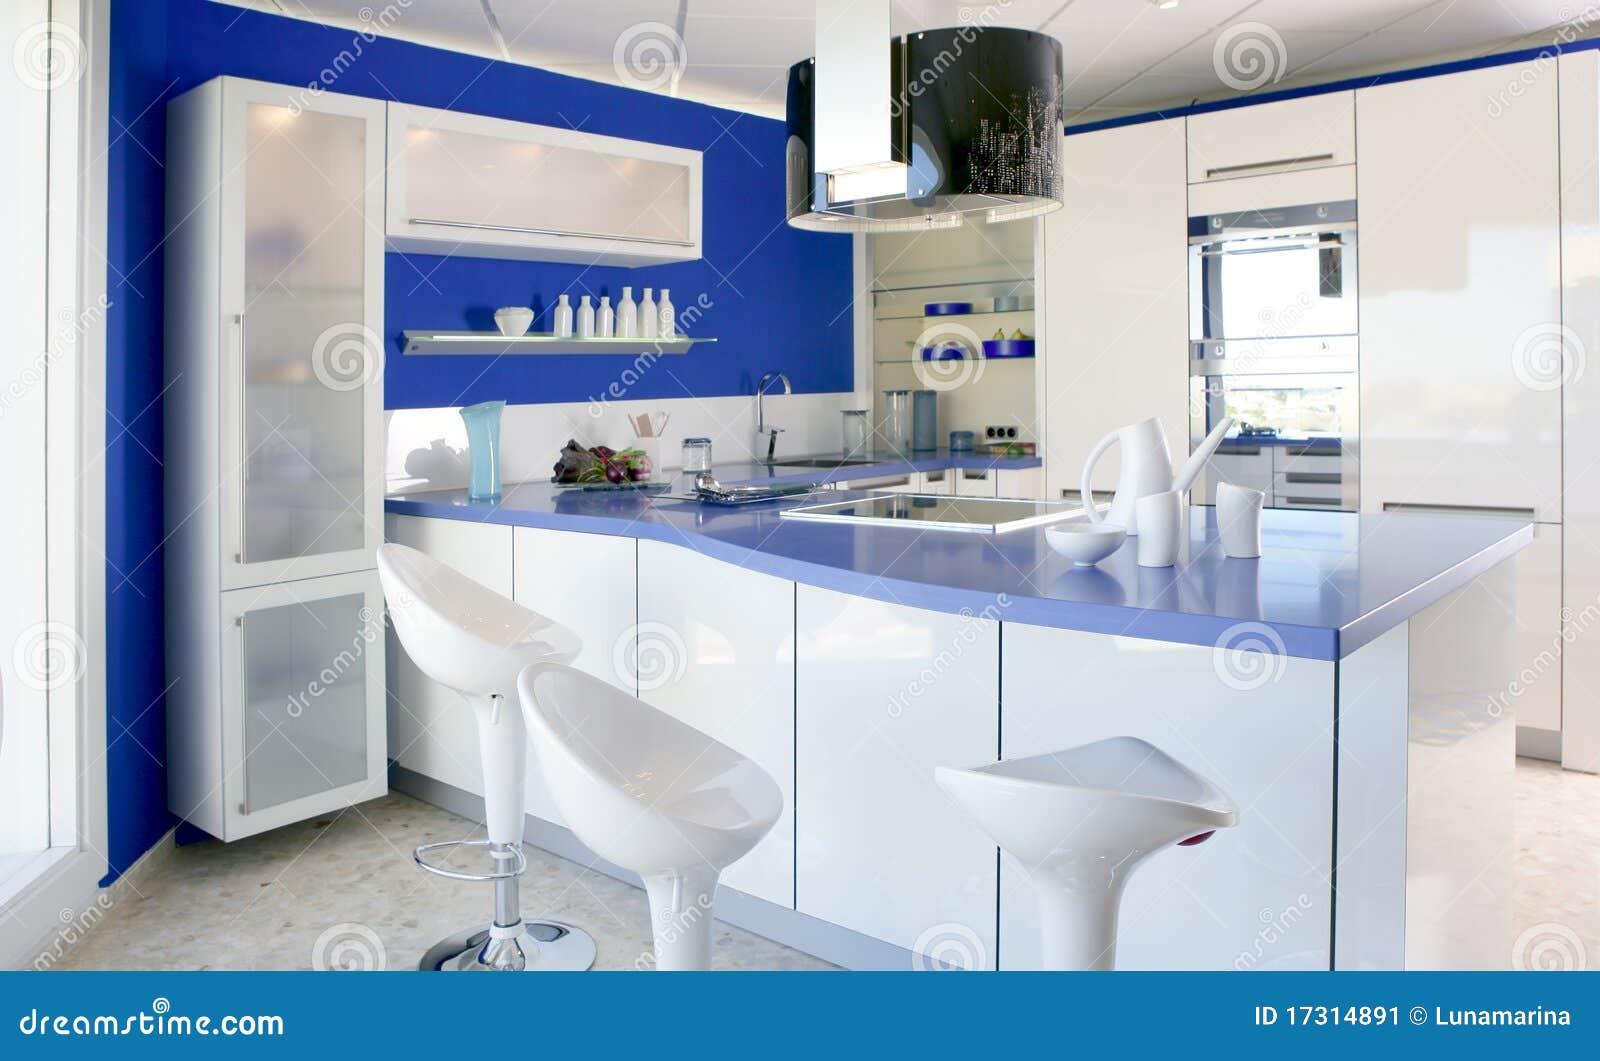 Casa moderna del dise o interior de la cocina blanca azul for Casa moderna blanca